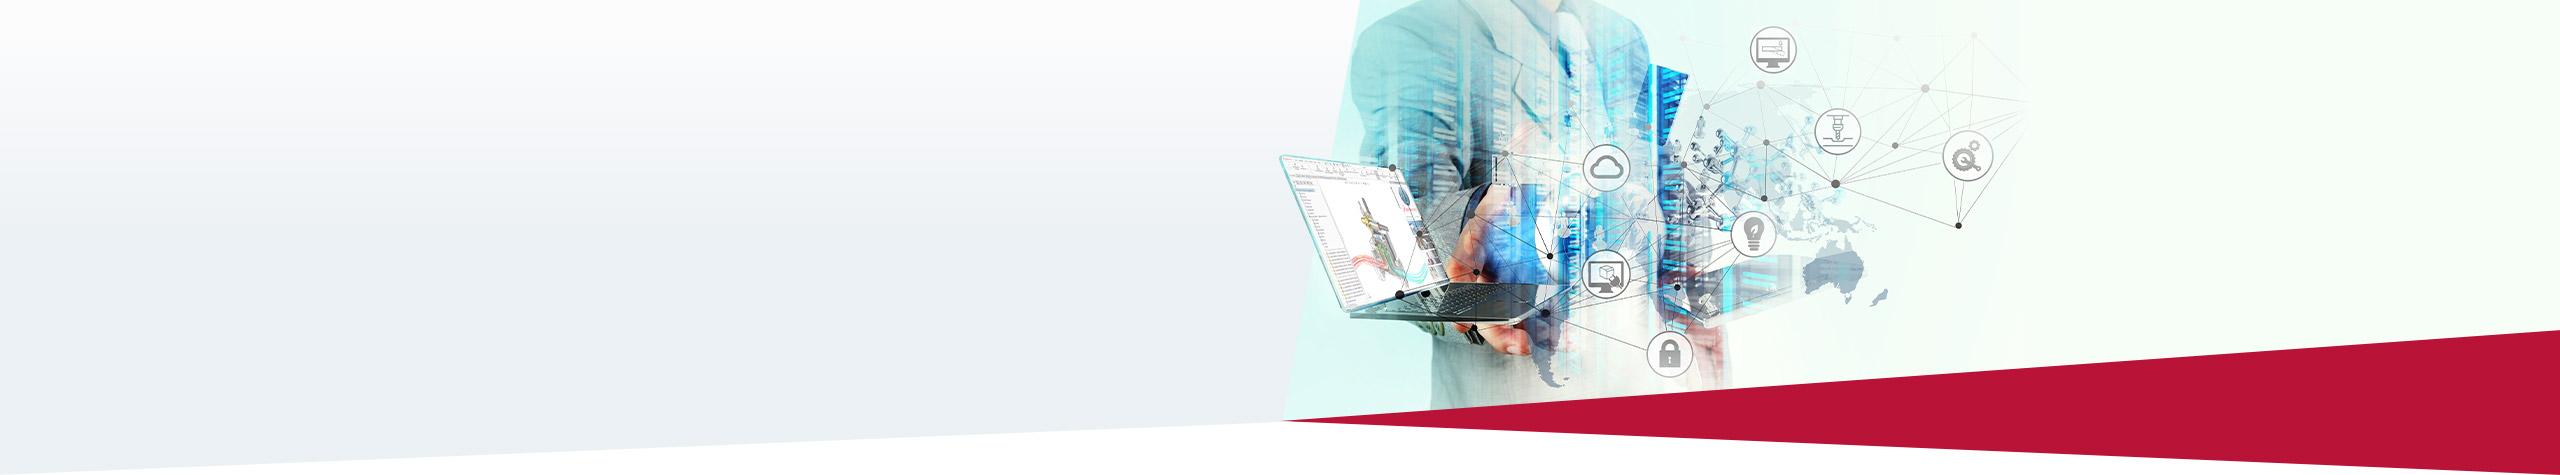 SOLIDWORKS Experience Day Online PLM-Fachkonferenz: Überzeugen Sie sich selbst und entdecken Sie die Möglichkeiten!